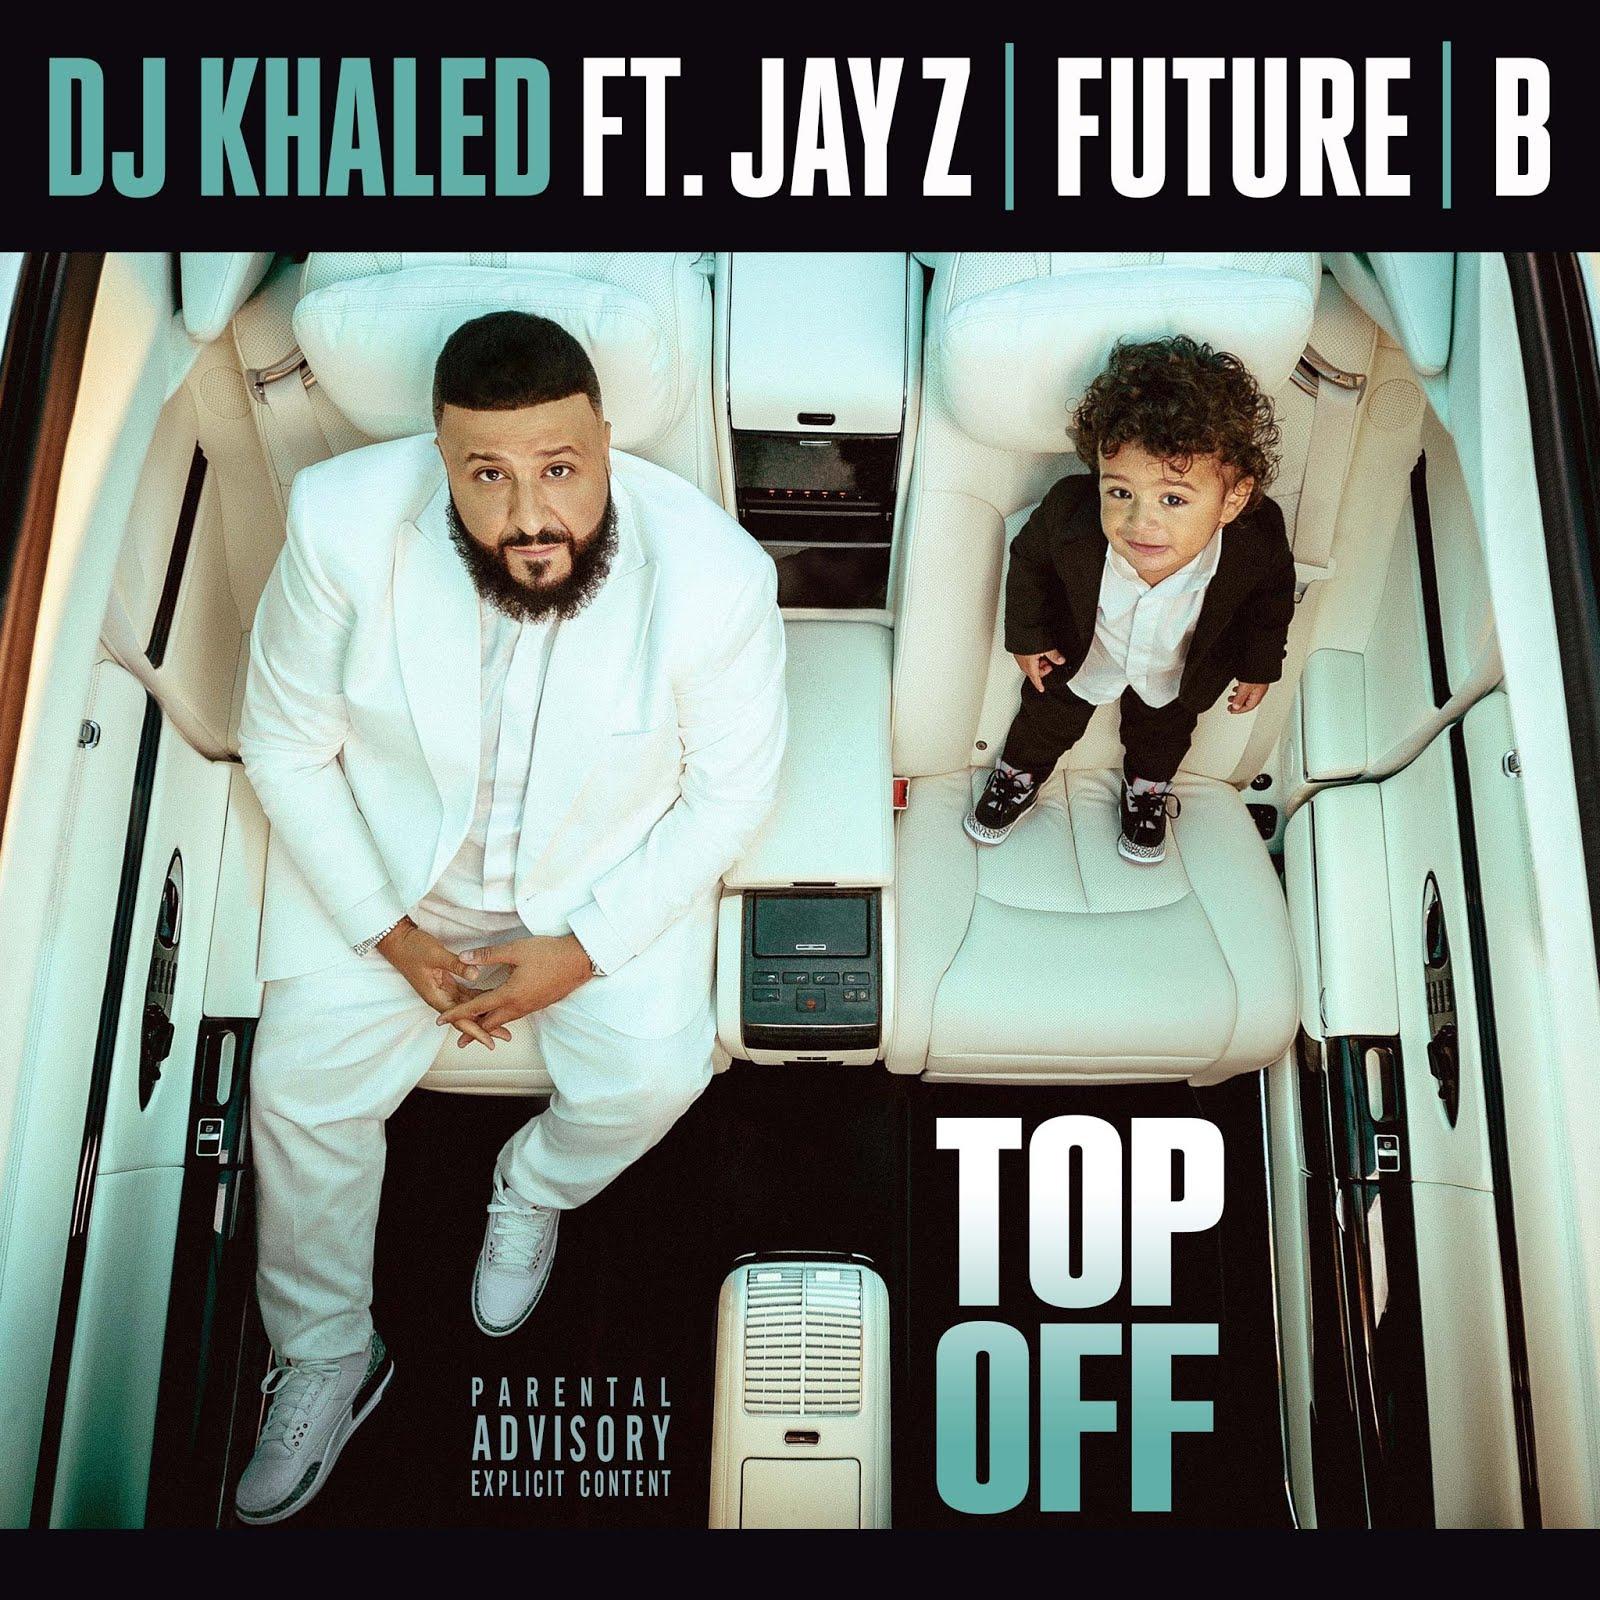 dj khaled top off